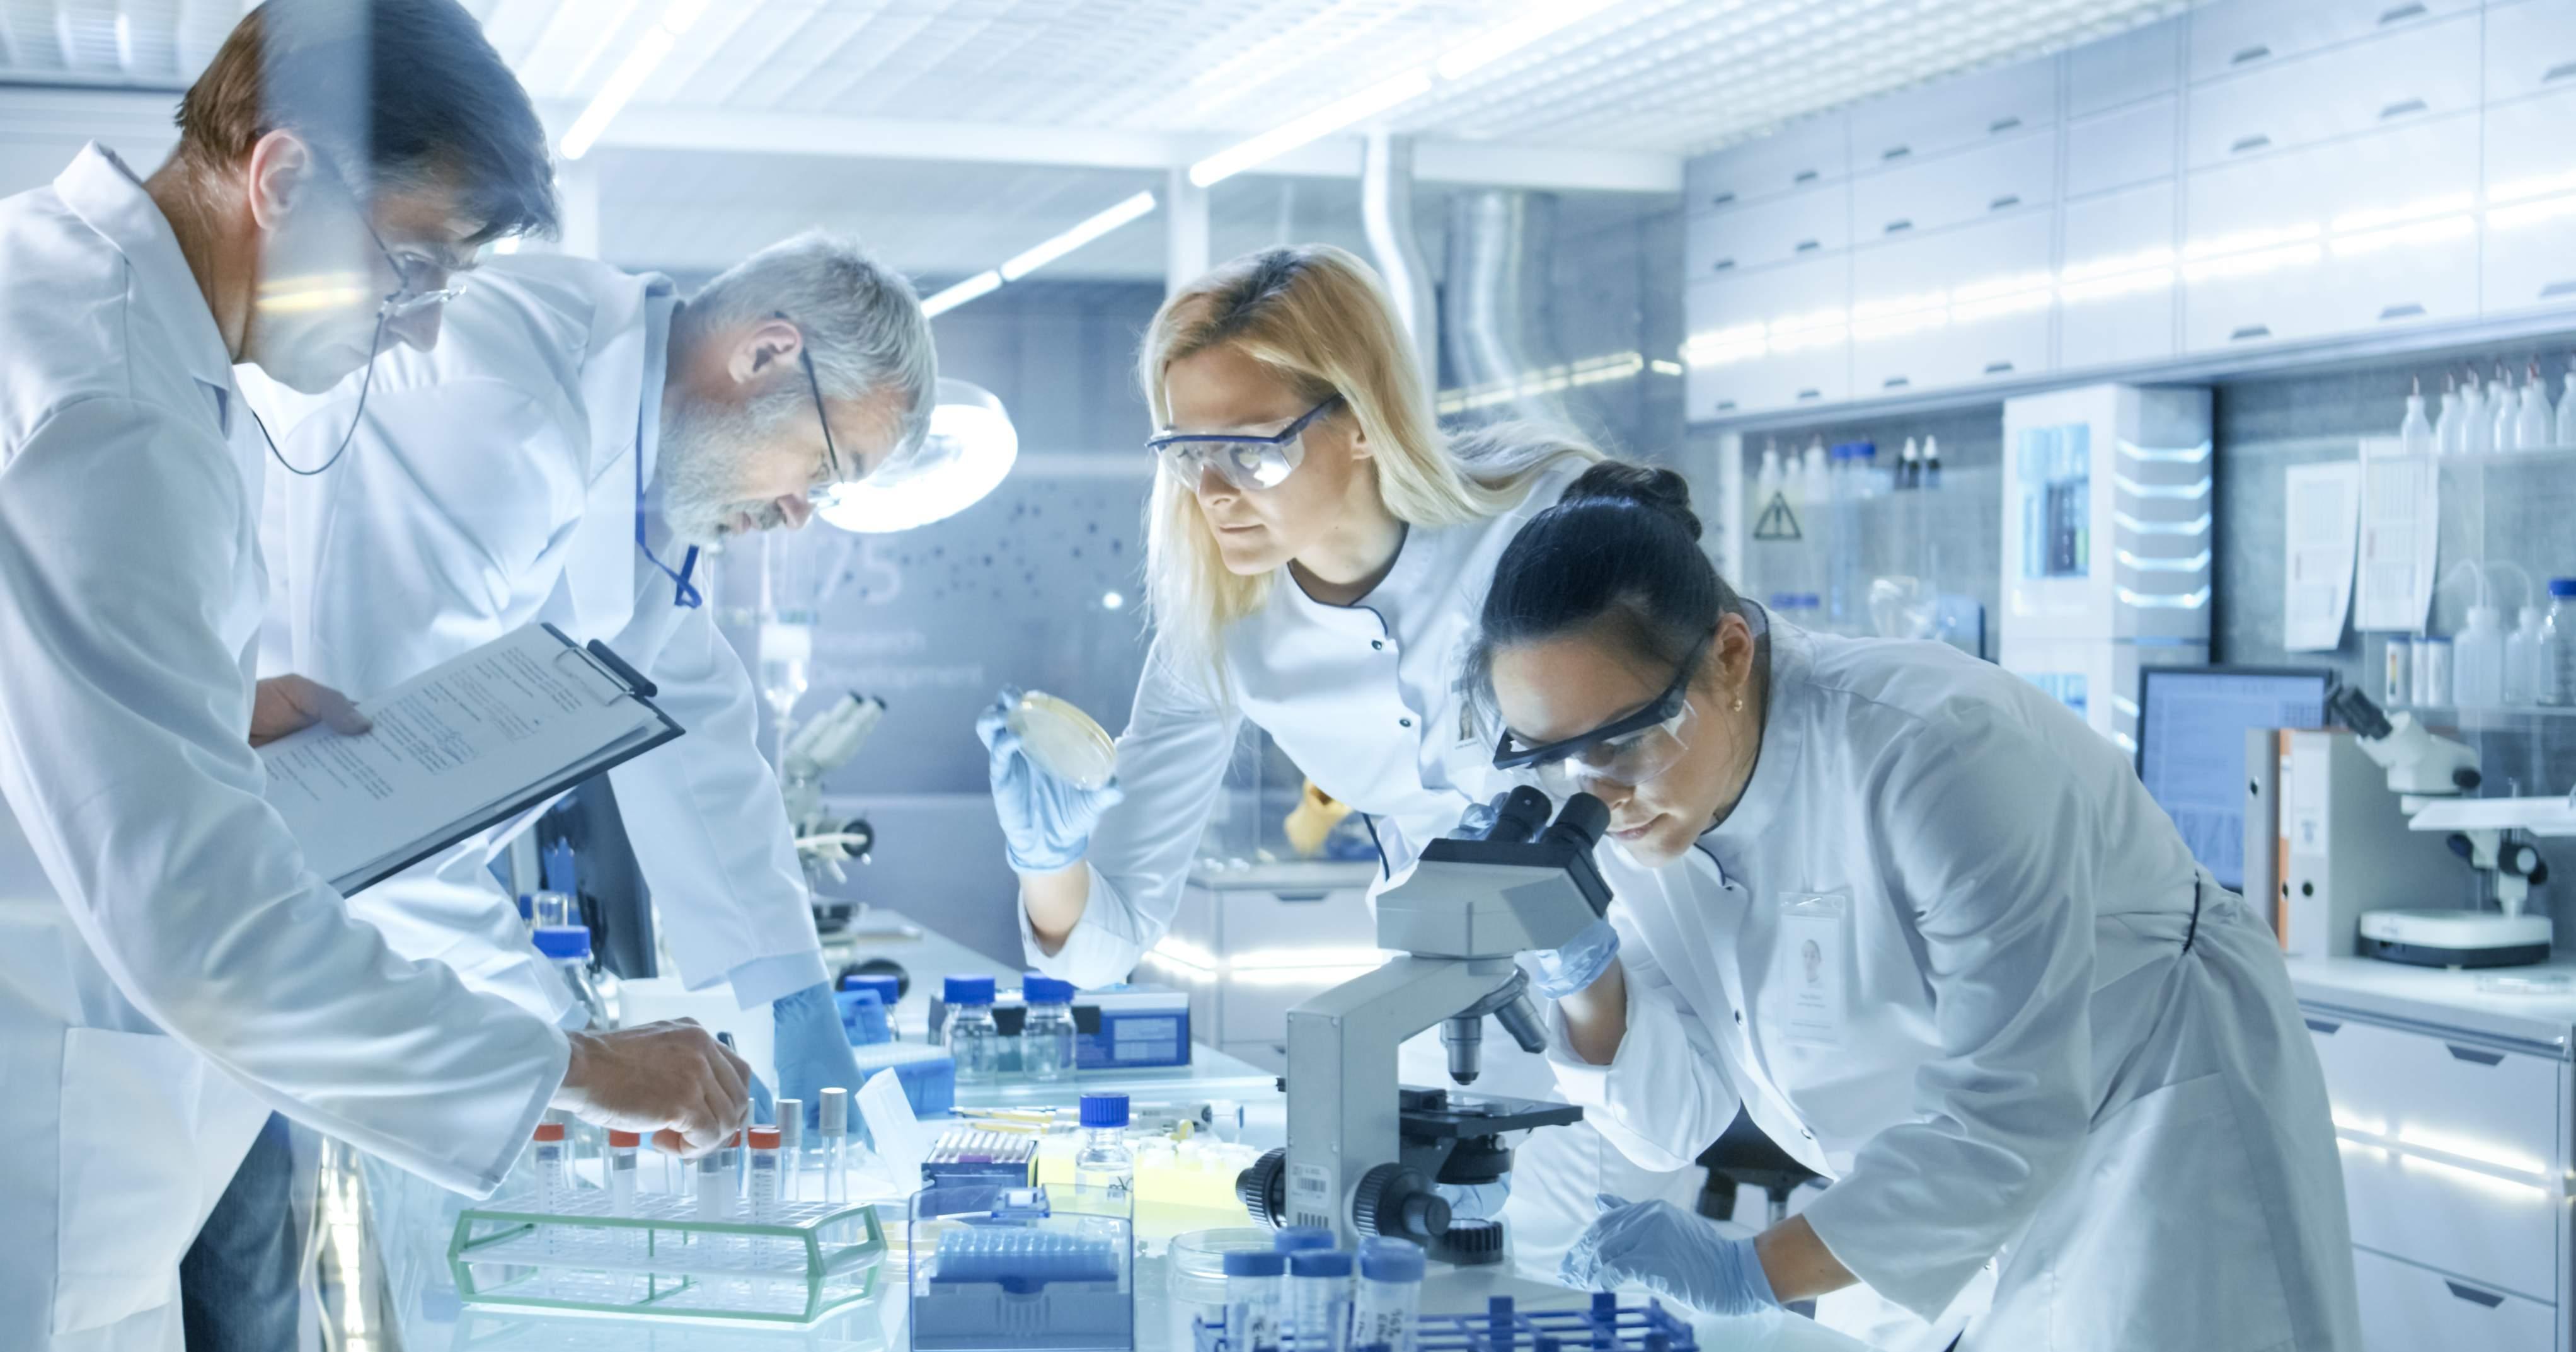 L'Europa e la ricerca: un binomio indissolubile grazie all ...